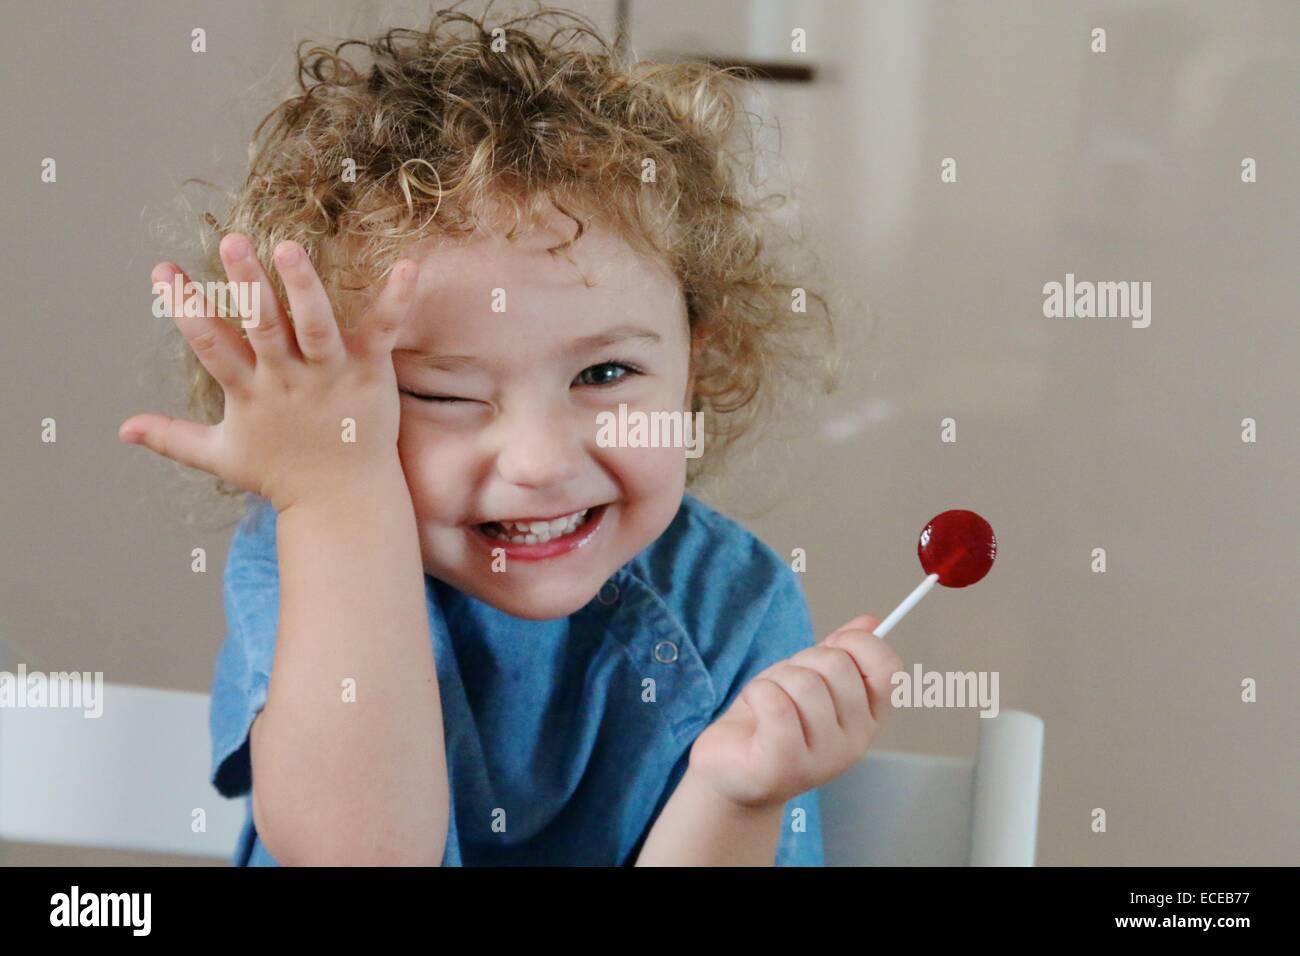 Mädchen (2-3) mit Lollypop lächelnd Stockbild